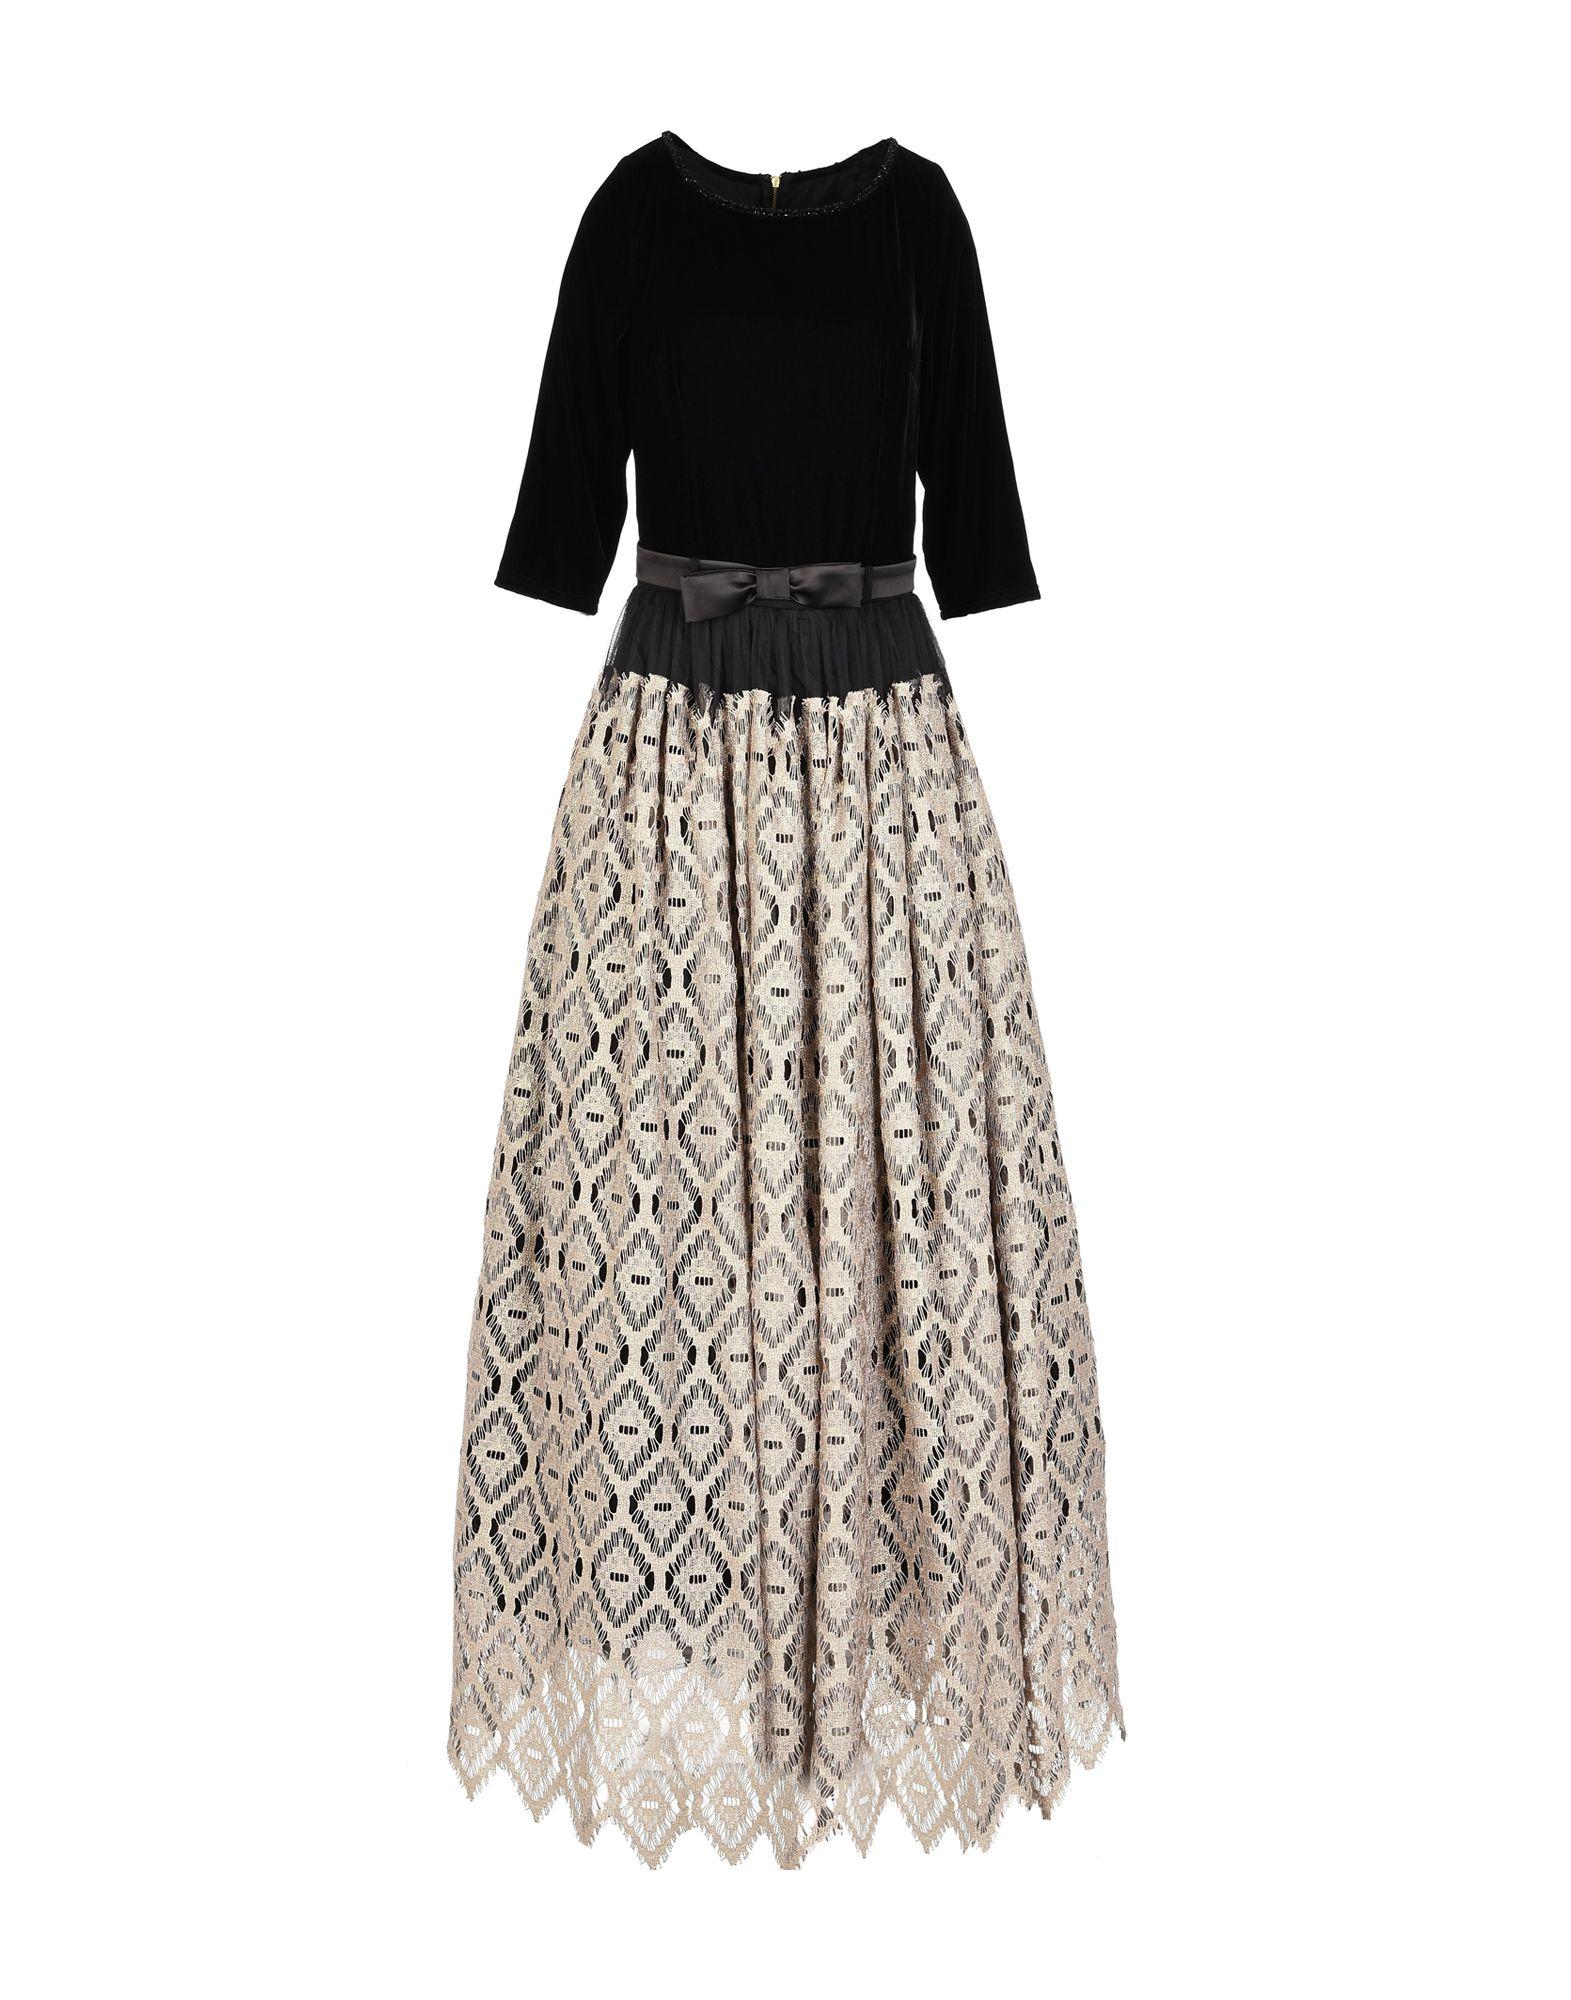 《送料無料》RALUCA MIHALCEANU レディース ロングワンピース&ドレス ゴールド M 紡績繊維